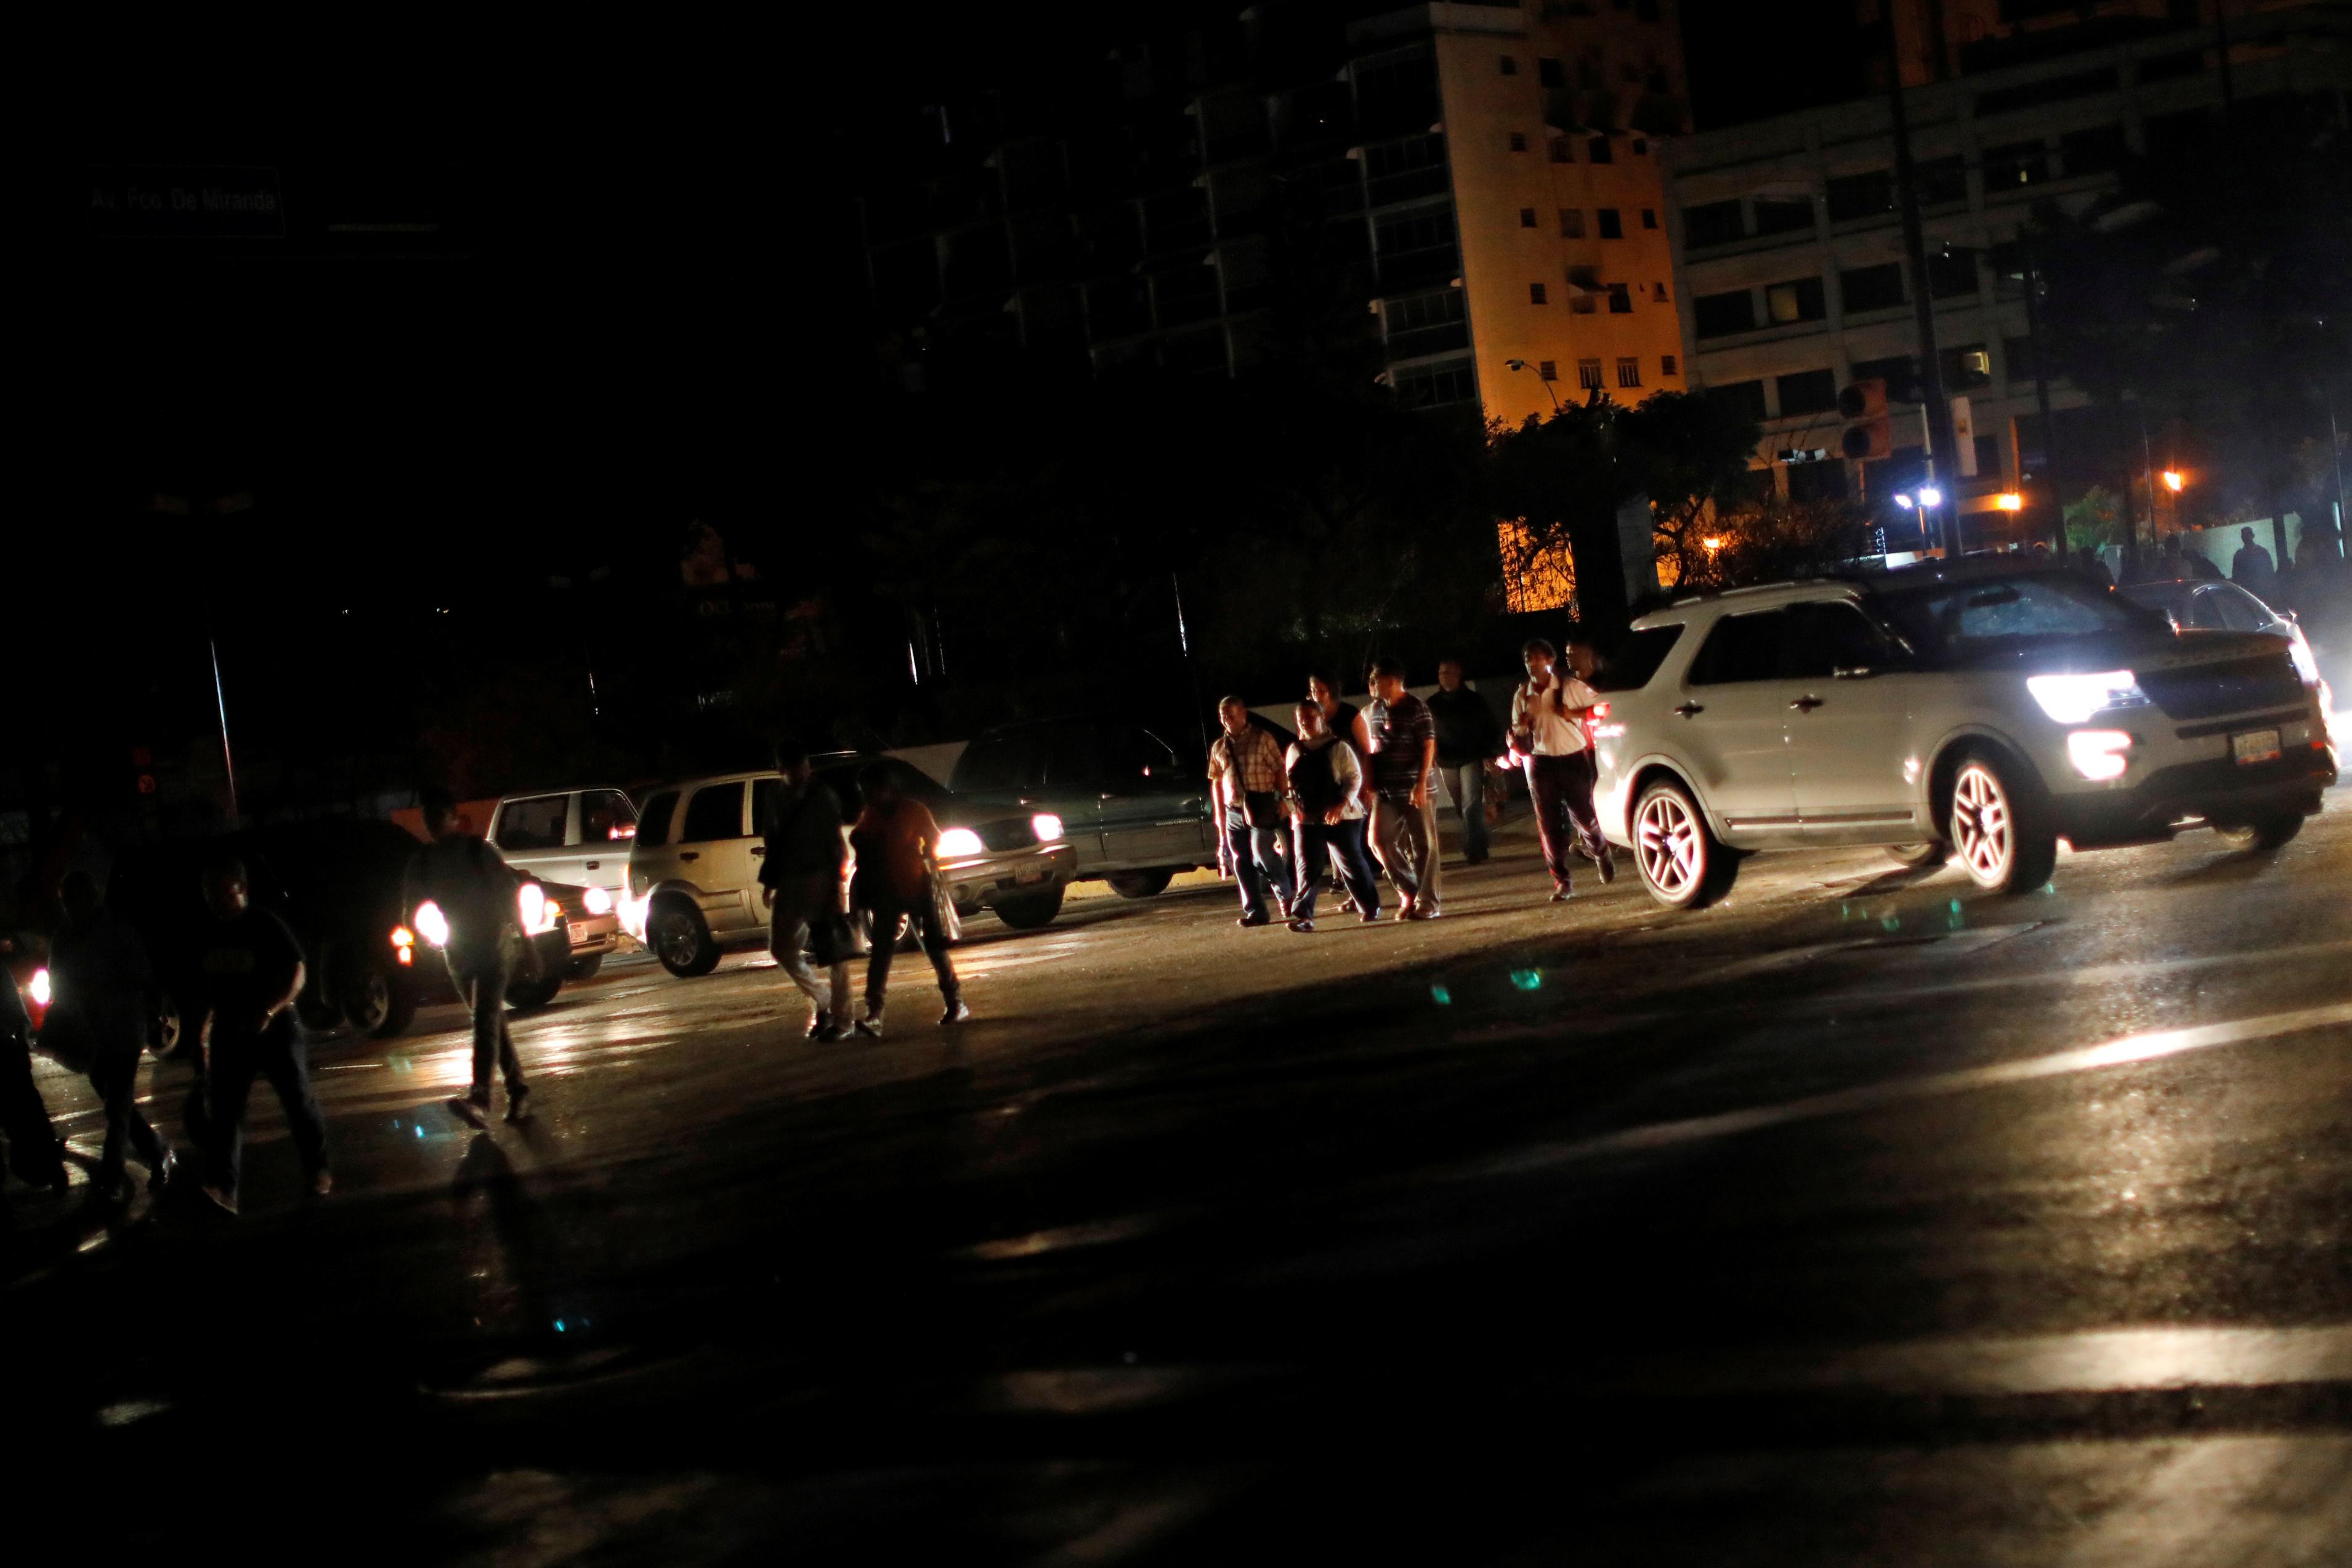 Personas caminando por una calle a oscuras en Caracas. (REUTERS/Carlos Jasso)